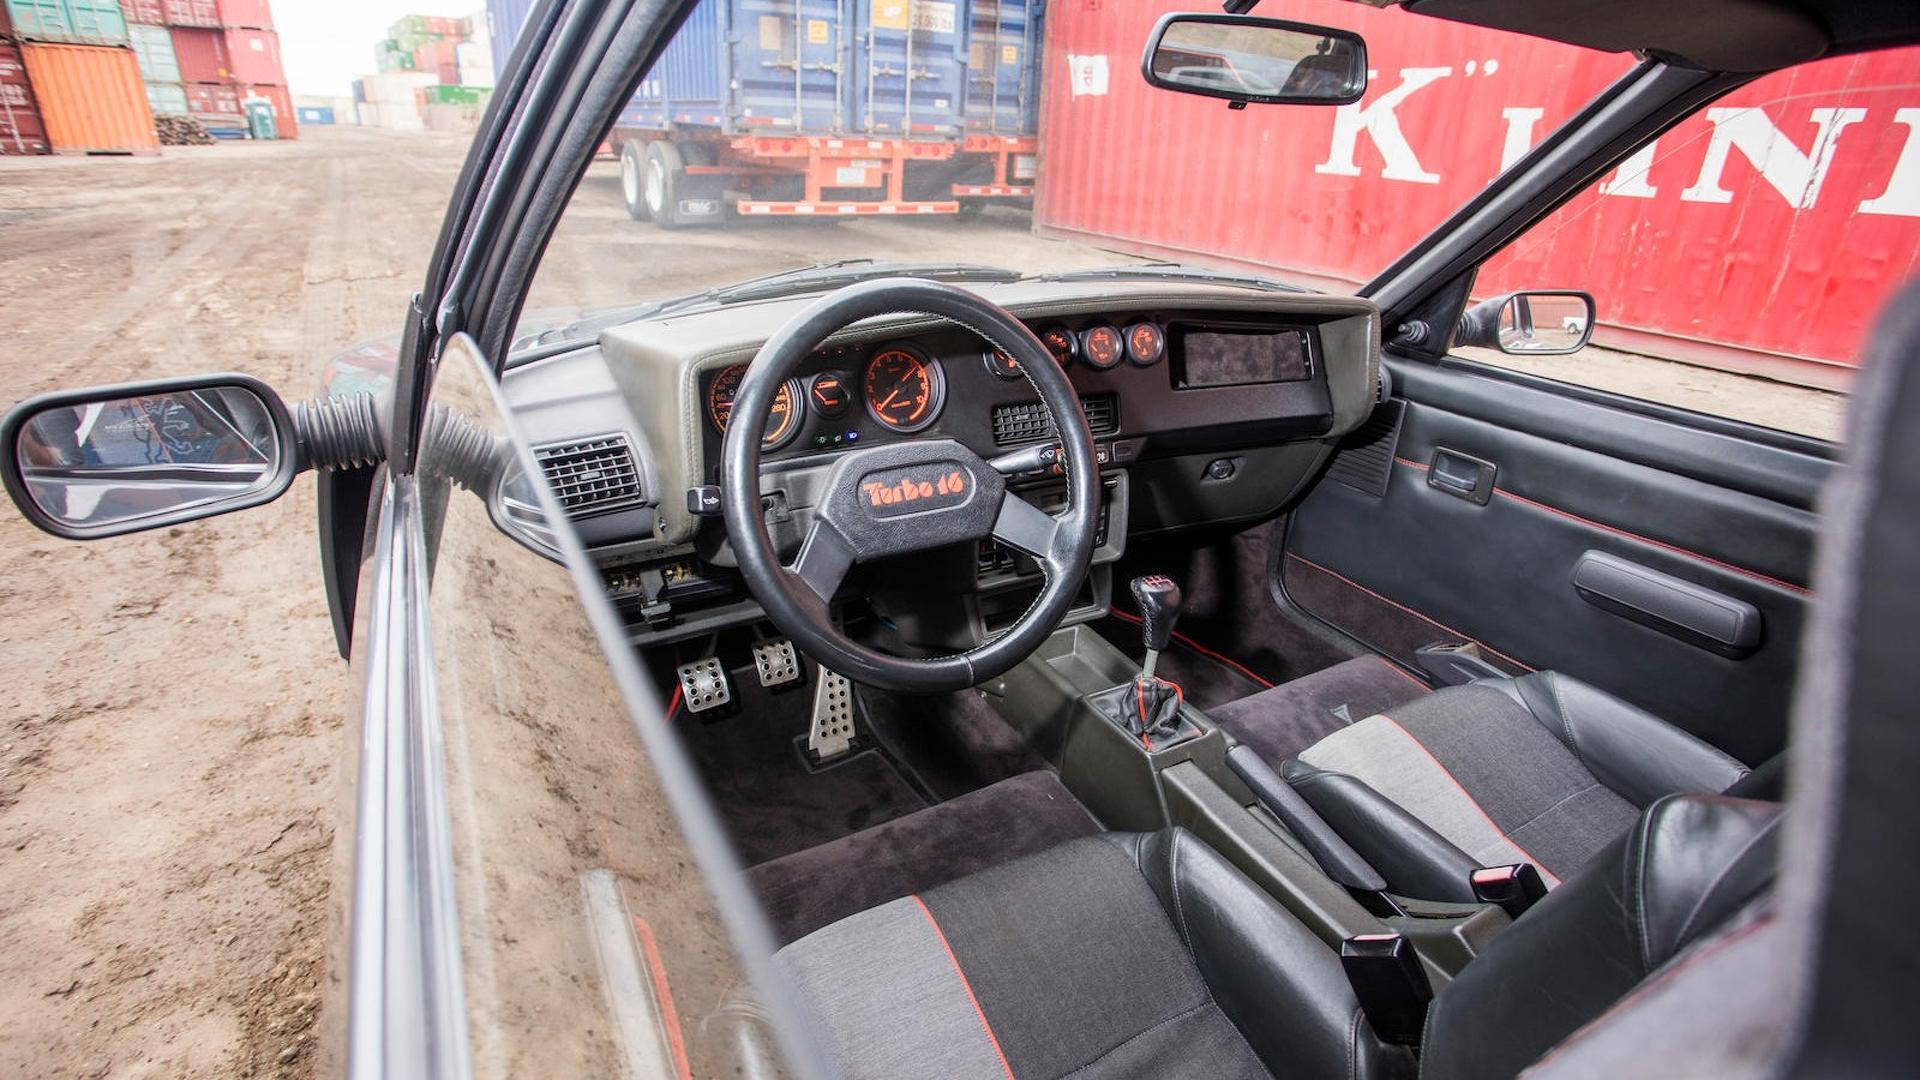 1985_Peugeot_205_Turbo_16_36